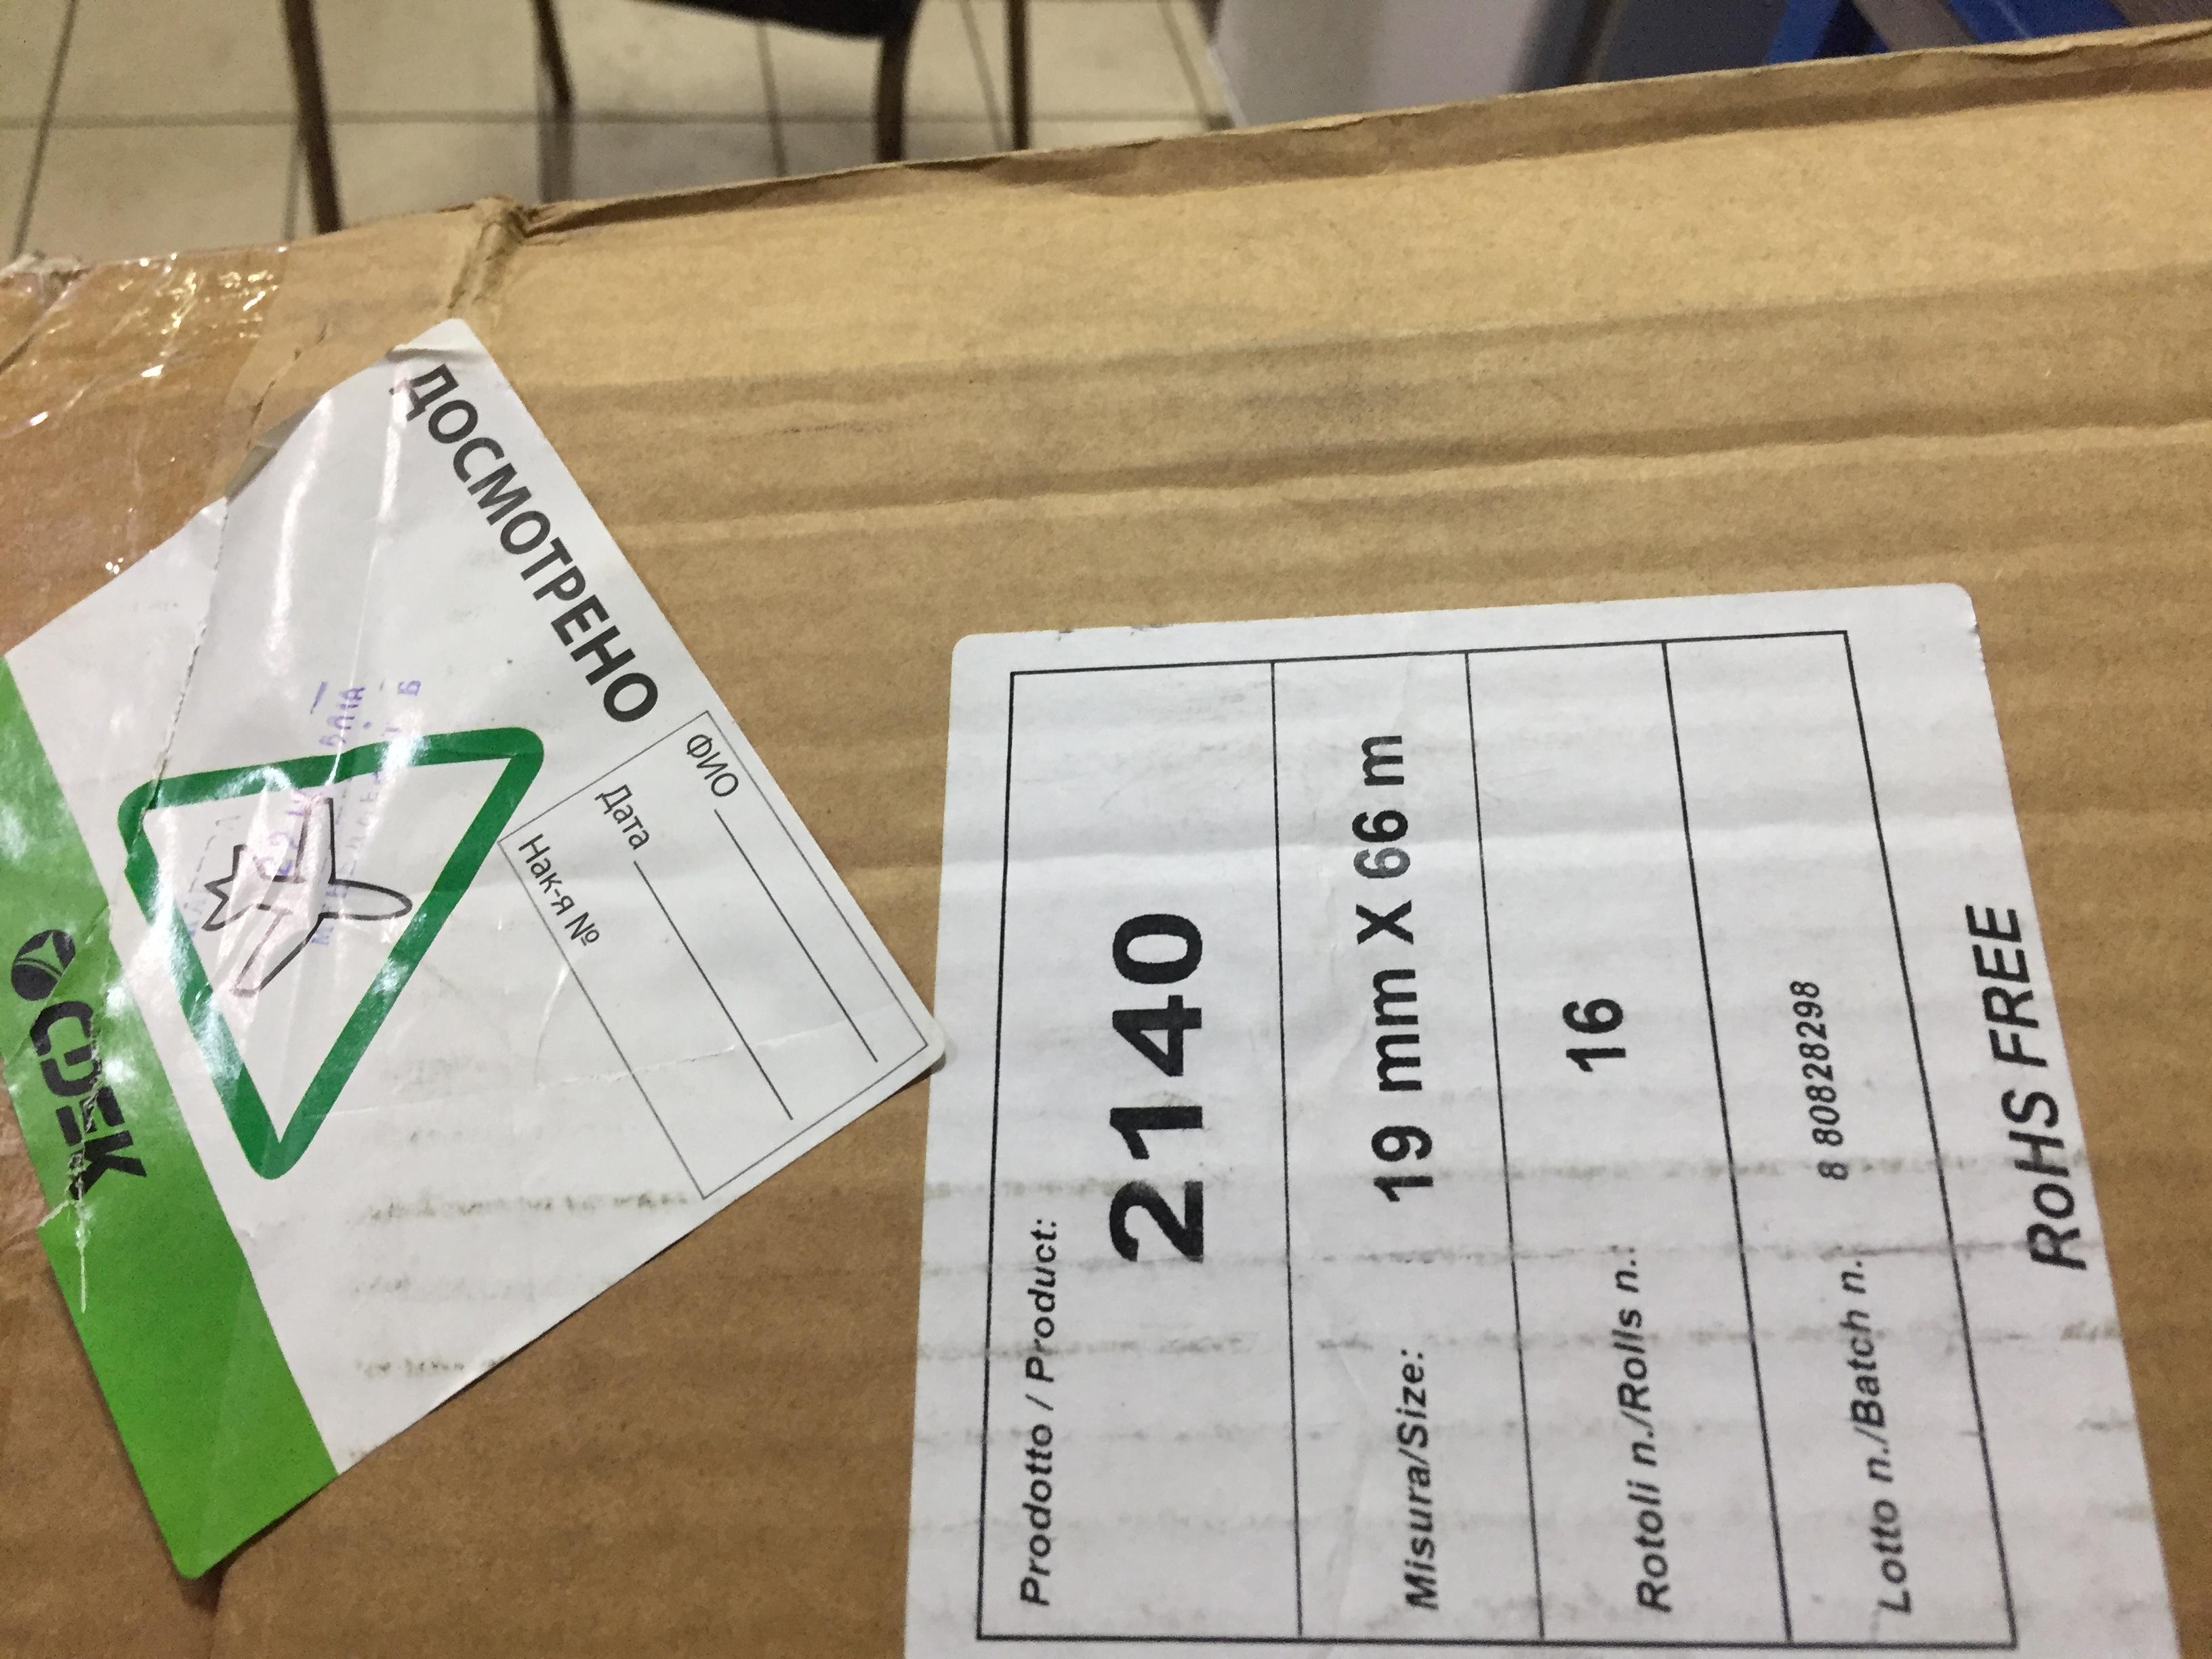 <p>Добрый день!</p>  <p>Закупаем двухсторонний скотч, объем закупа на 8 тысяч рублей, примерно 40 штук. Все данные о товаре&nbsp;прикреплены к фотографиям.</p>